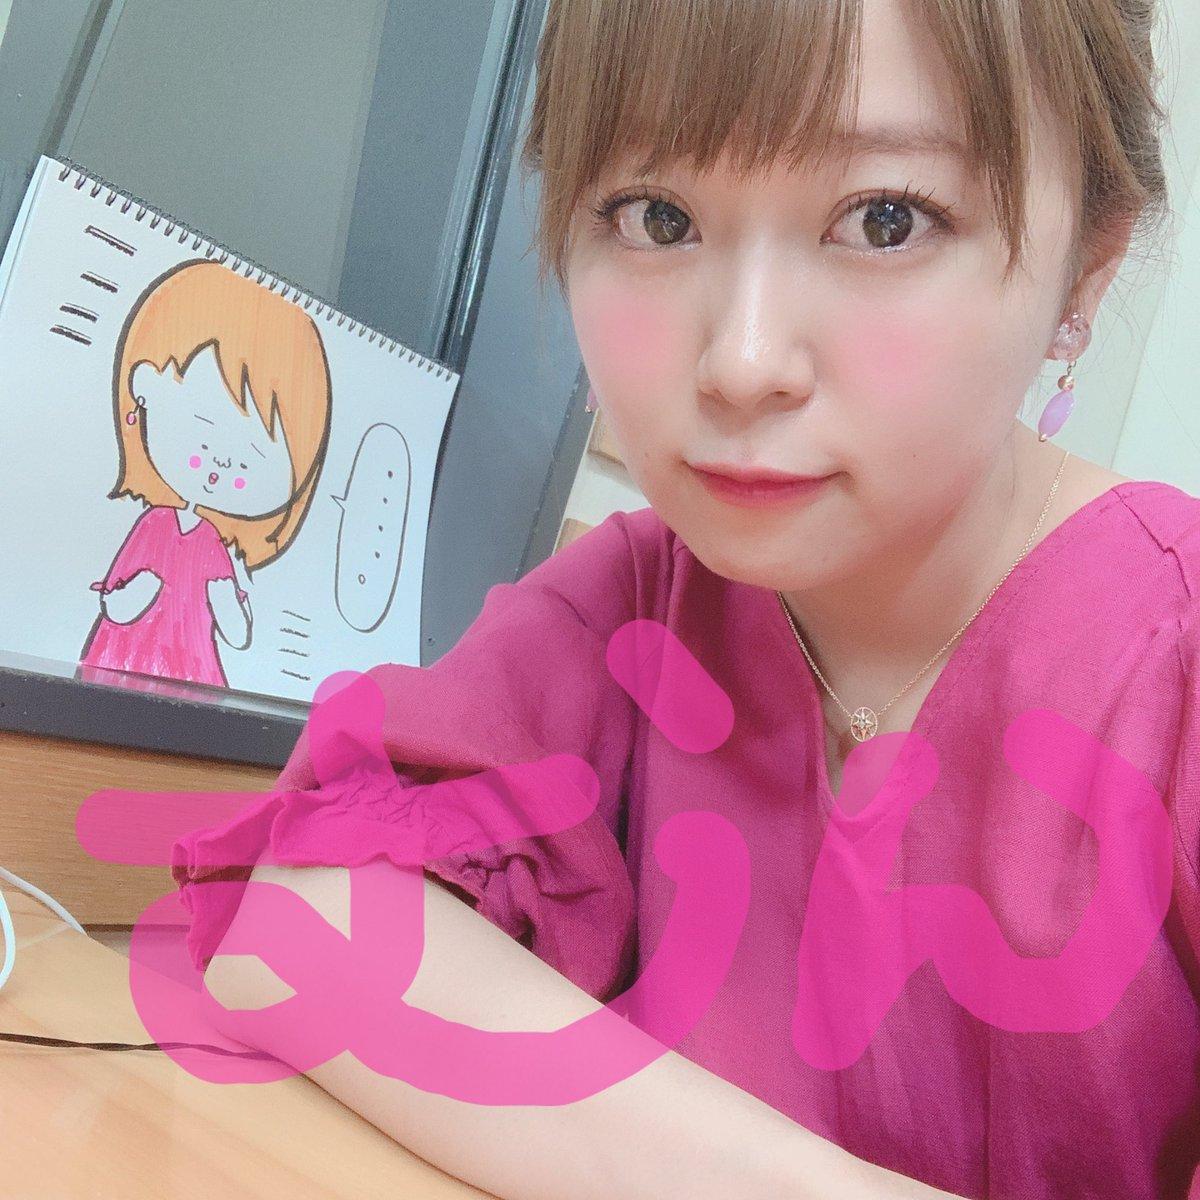 井口裕香のむ~~~ん ⊂( ^ω^)⊃'s photo on #muuun